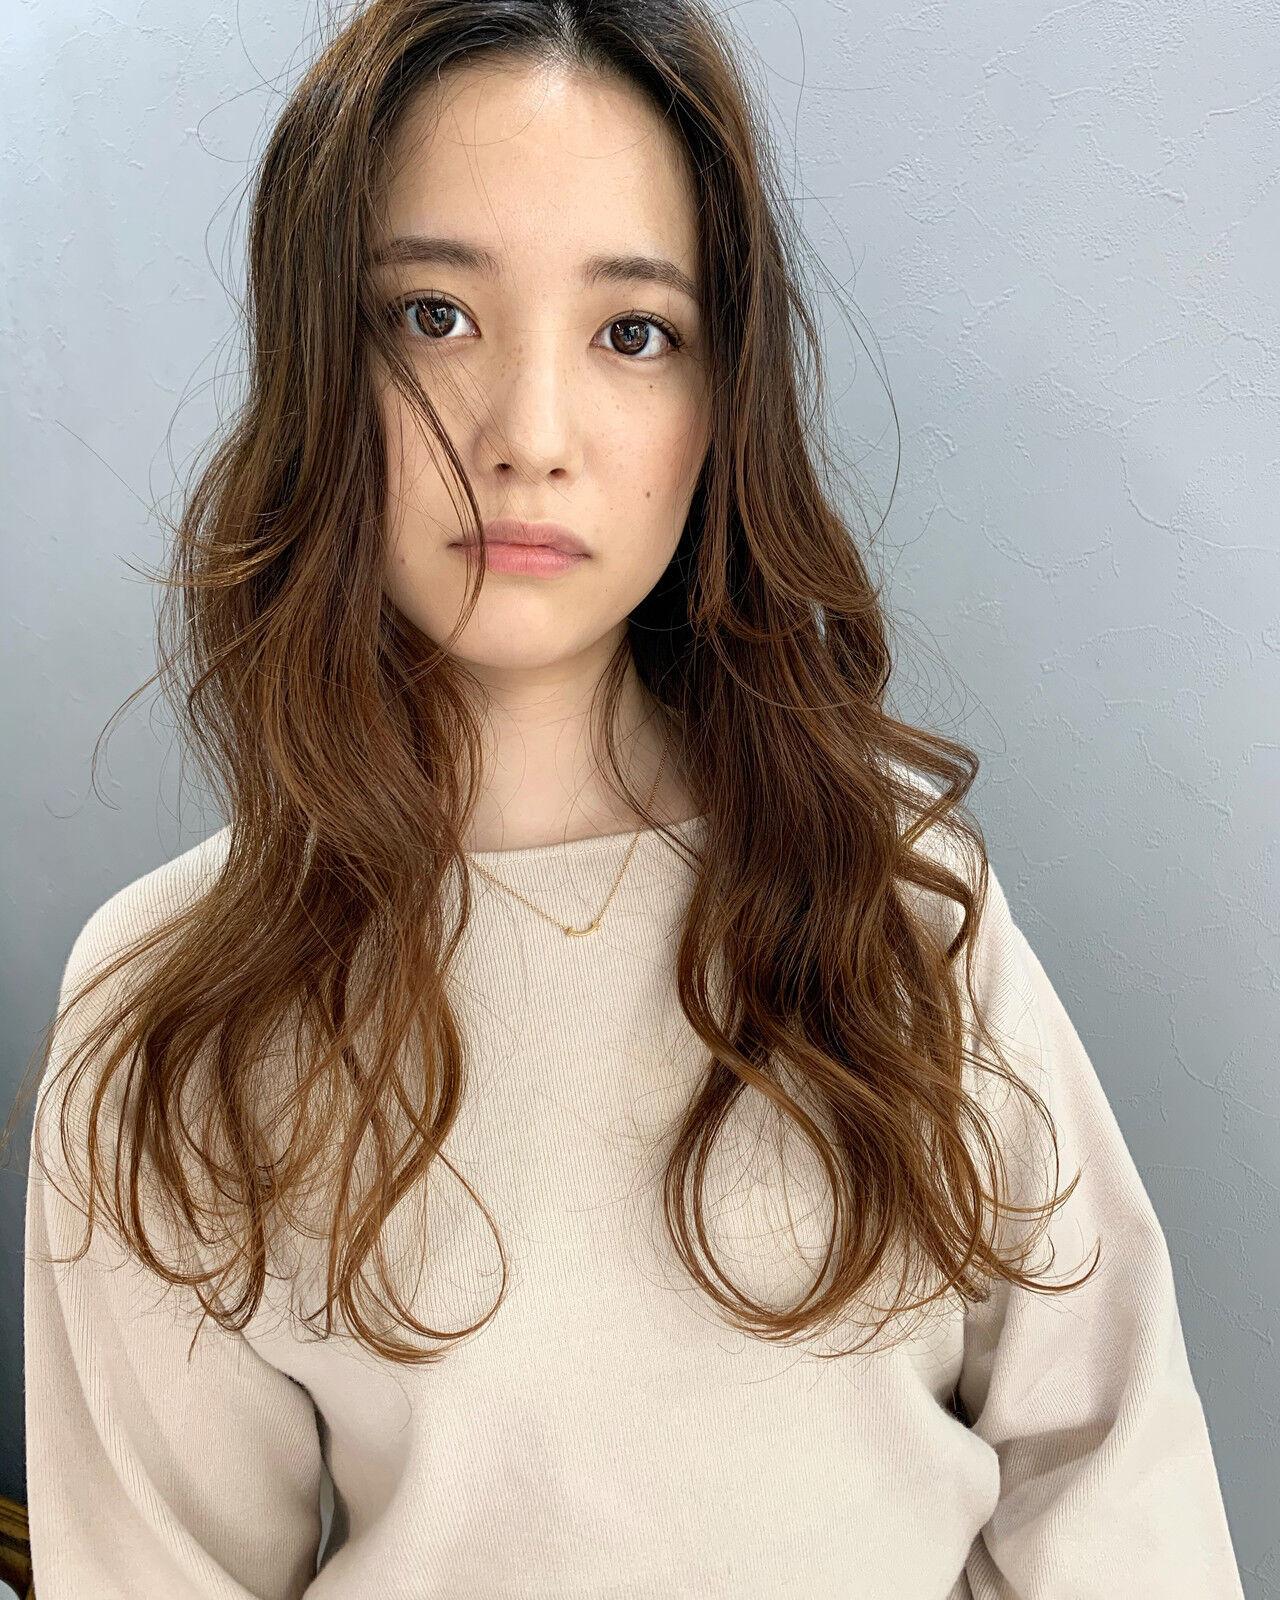 アンニュイほつれヘア ほつれウエーブ センター分け ロング ヘアスタイルや髪型の写真・画像